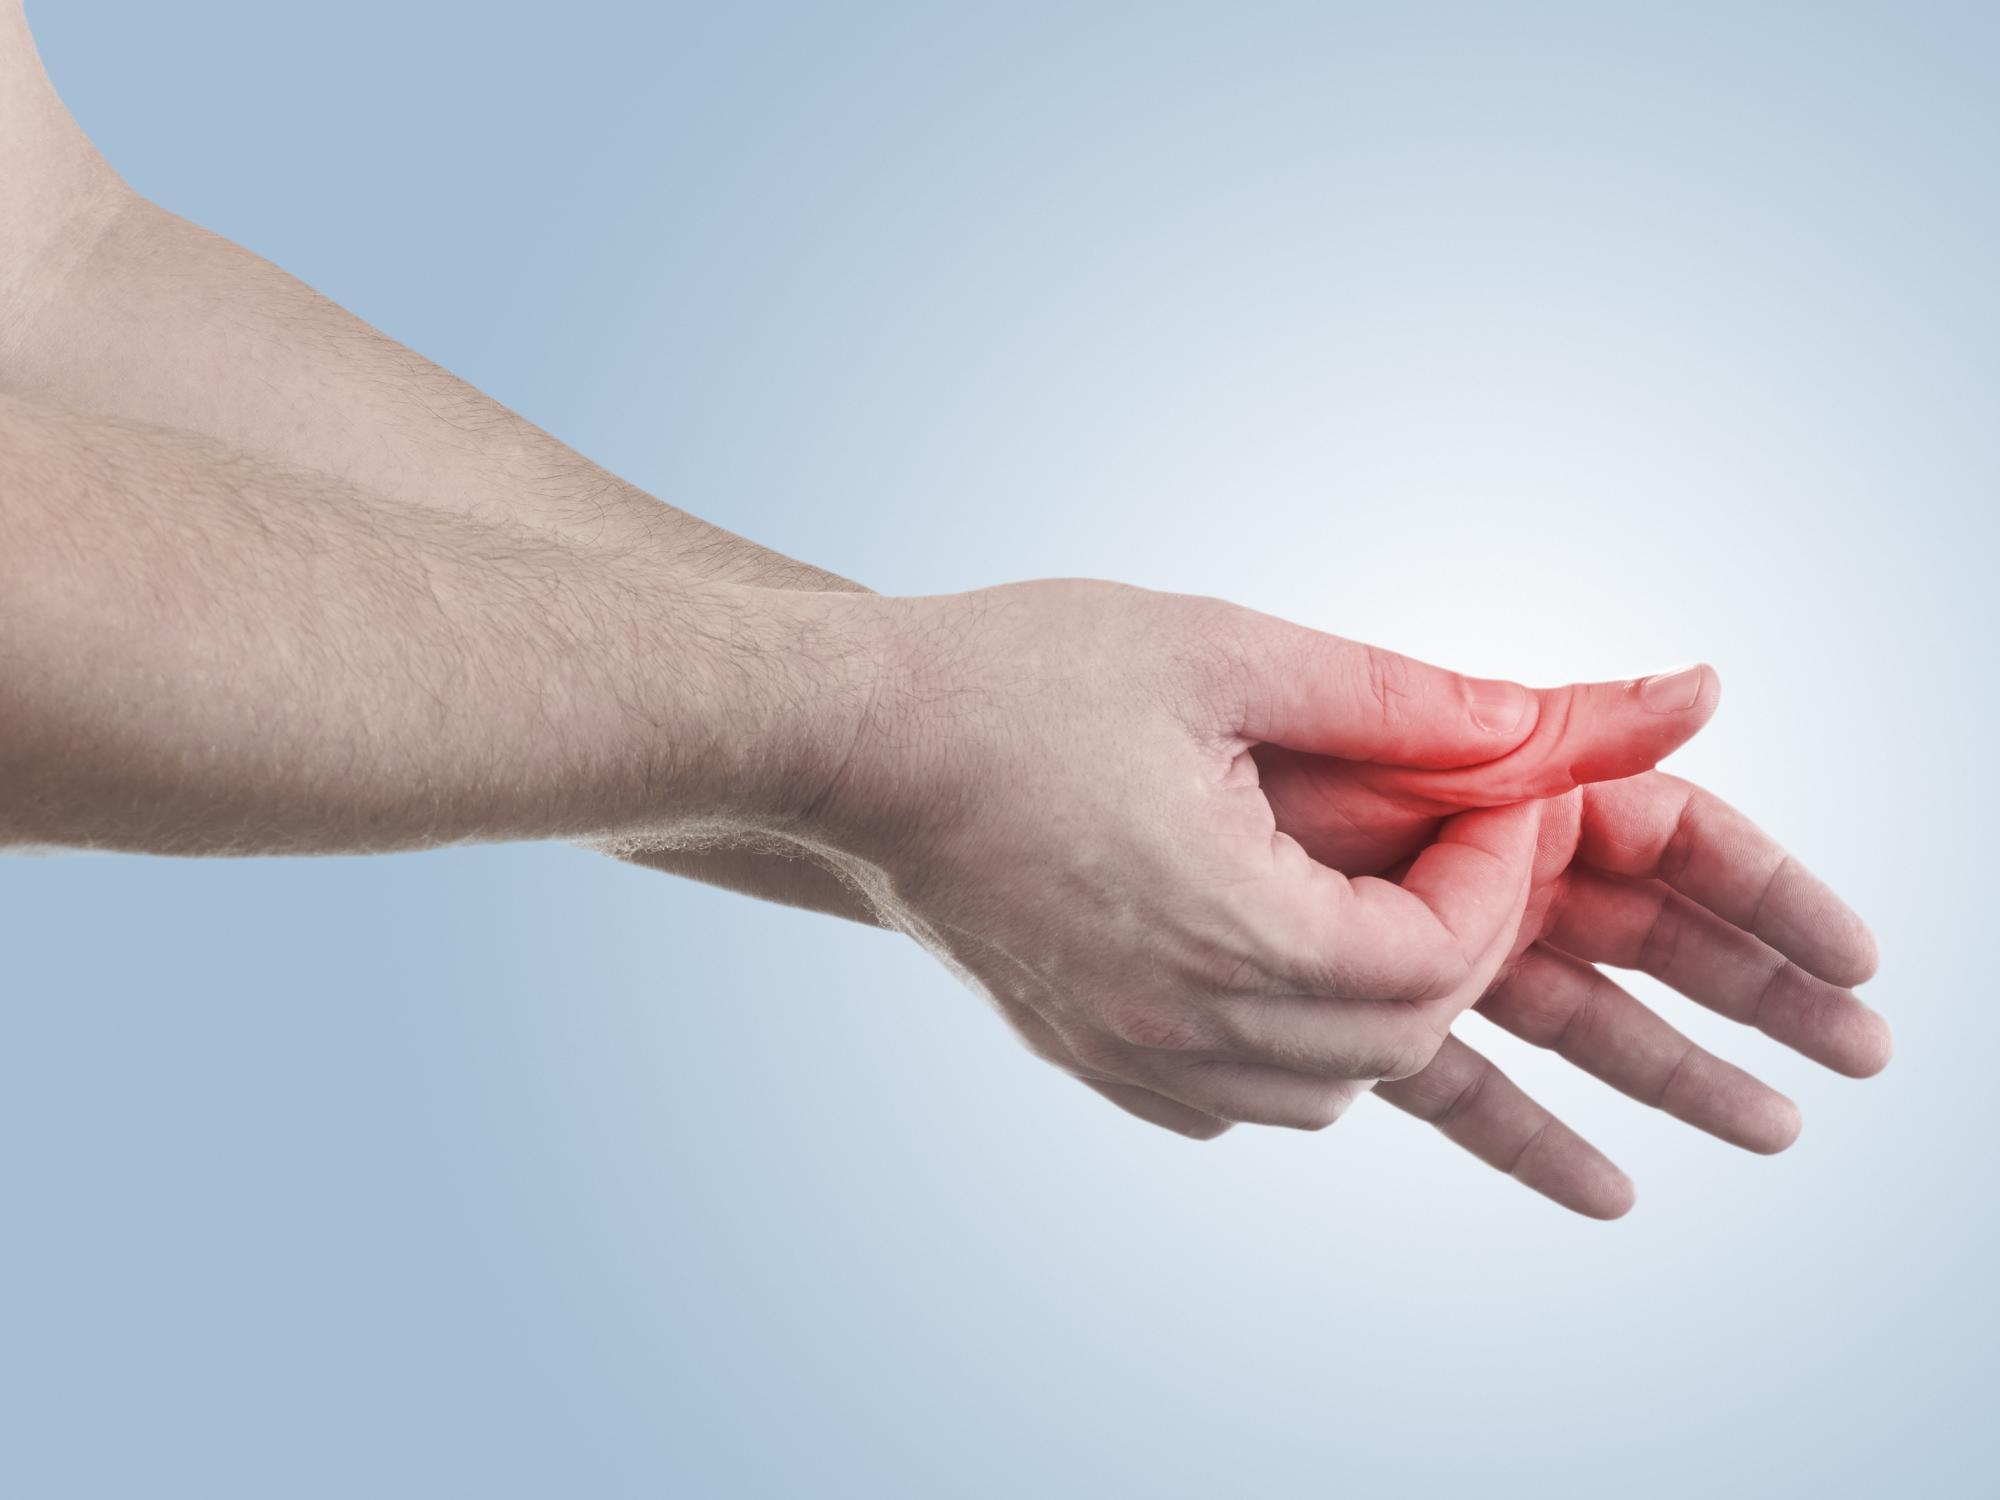 Вывих пальца руки лечение в домашних условиях - MedikYA 67